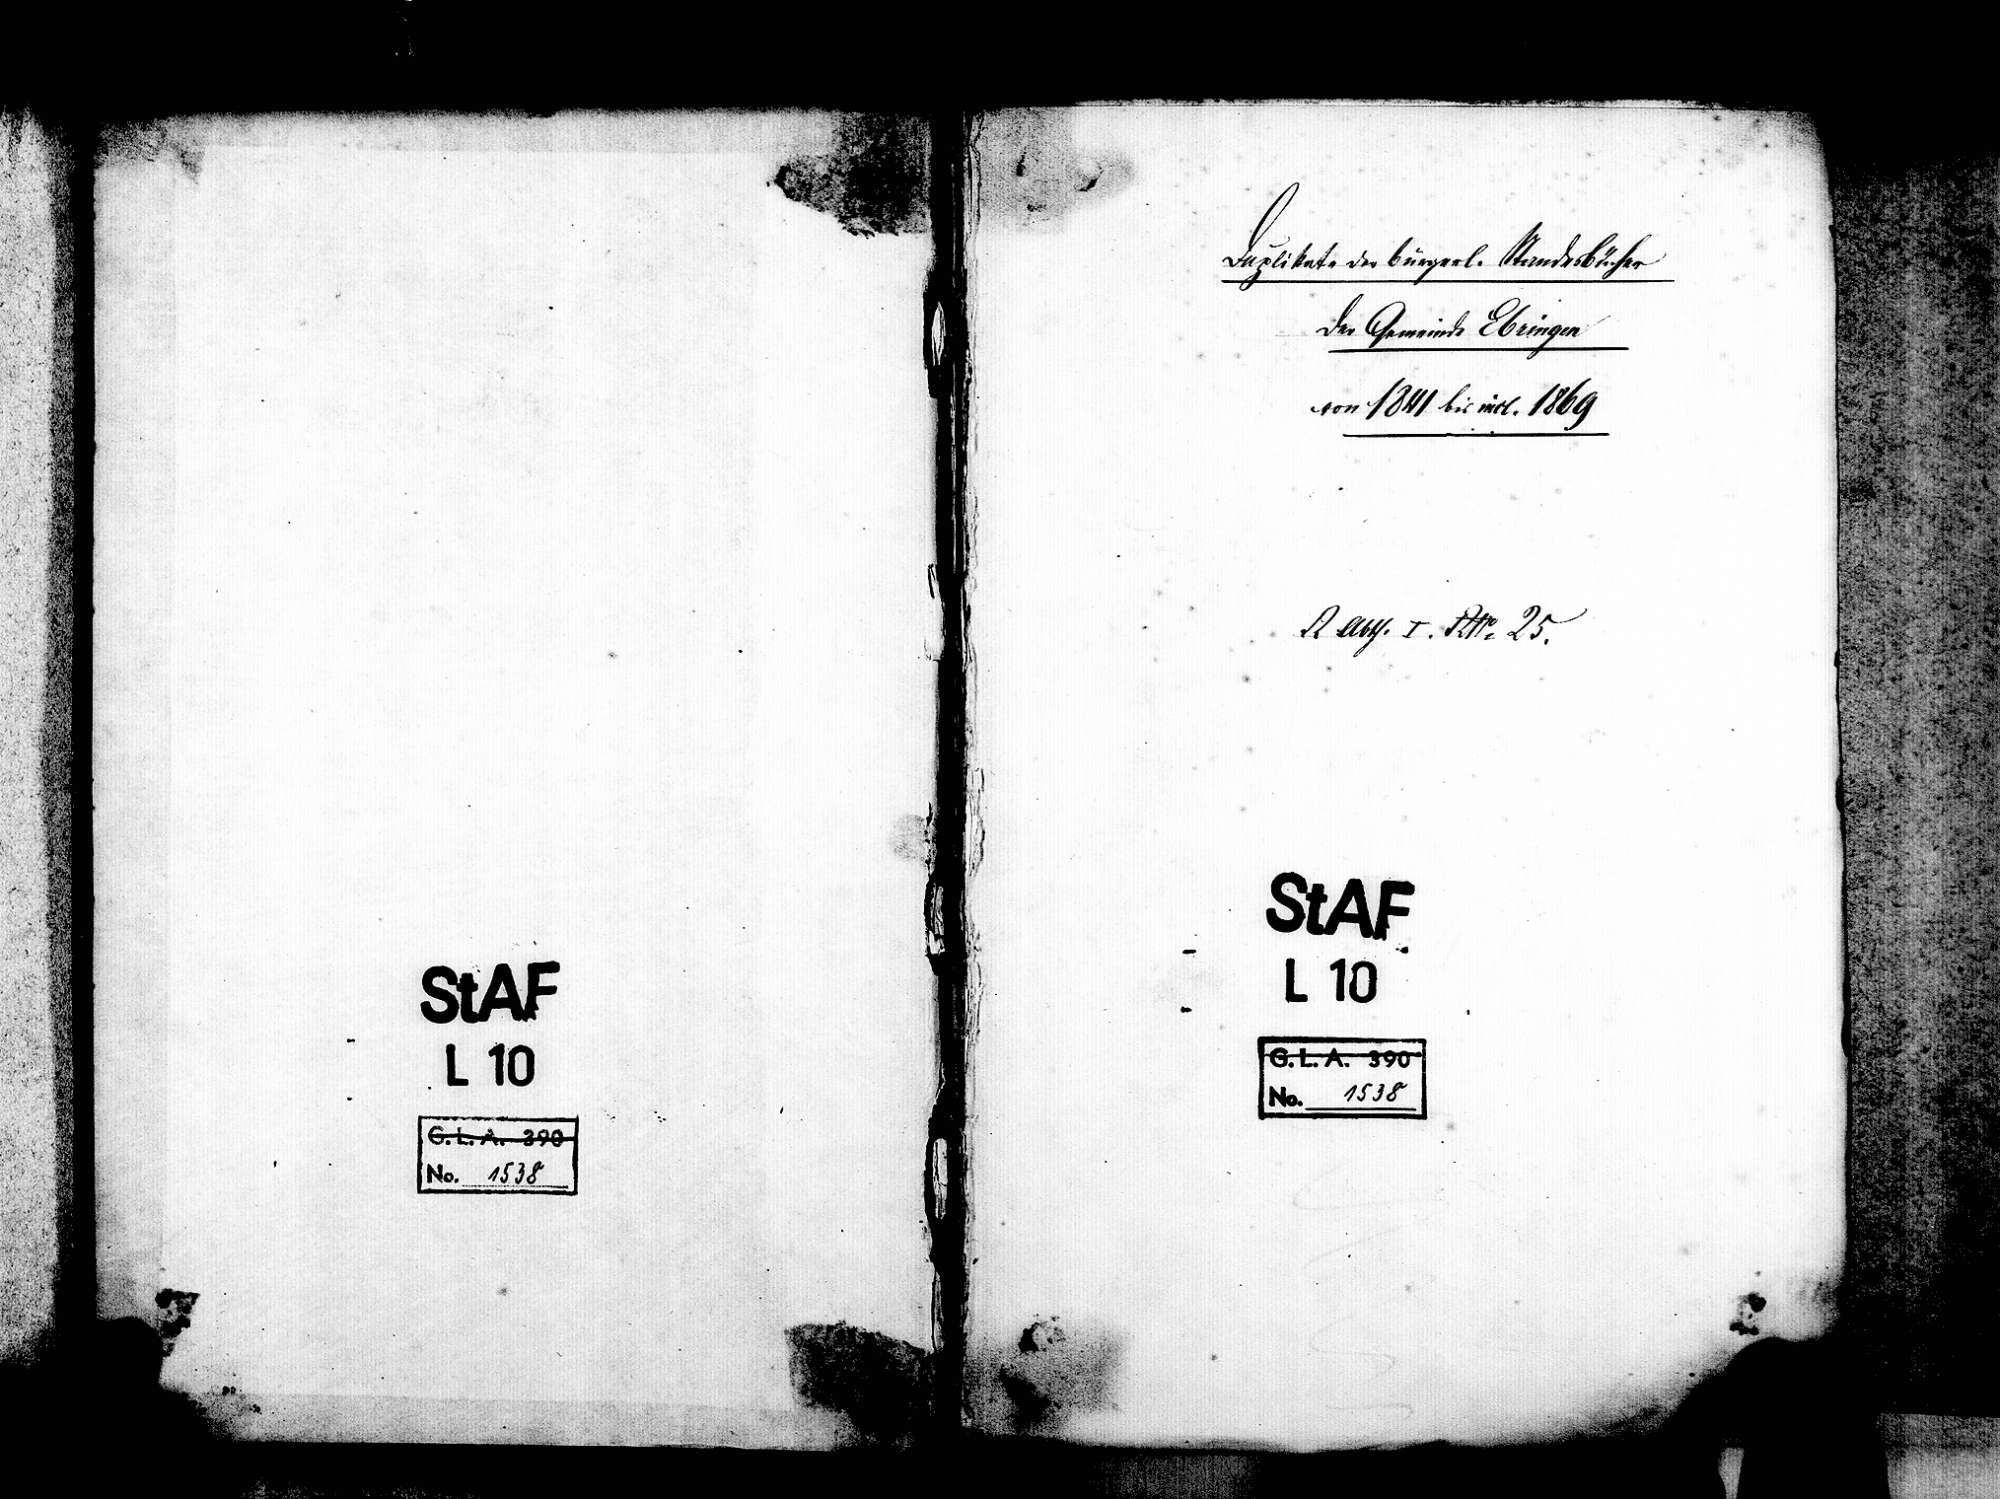 Ebringen FR; Katholische Gemeinde: Standesbuch 1841-1869, [1870 nur Januar], Bild 3